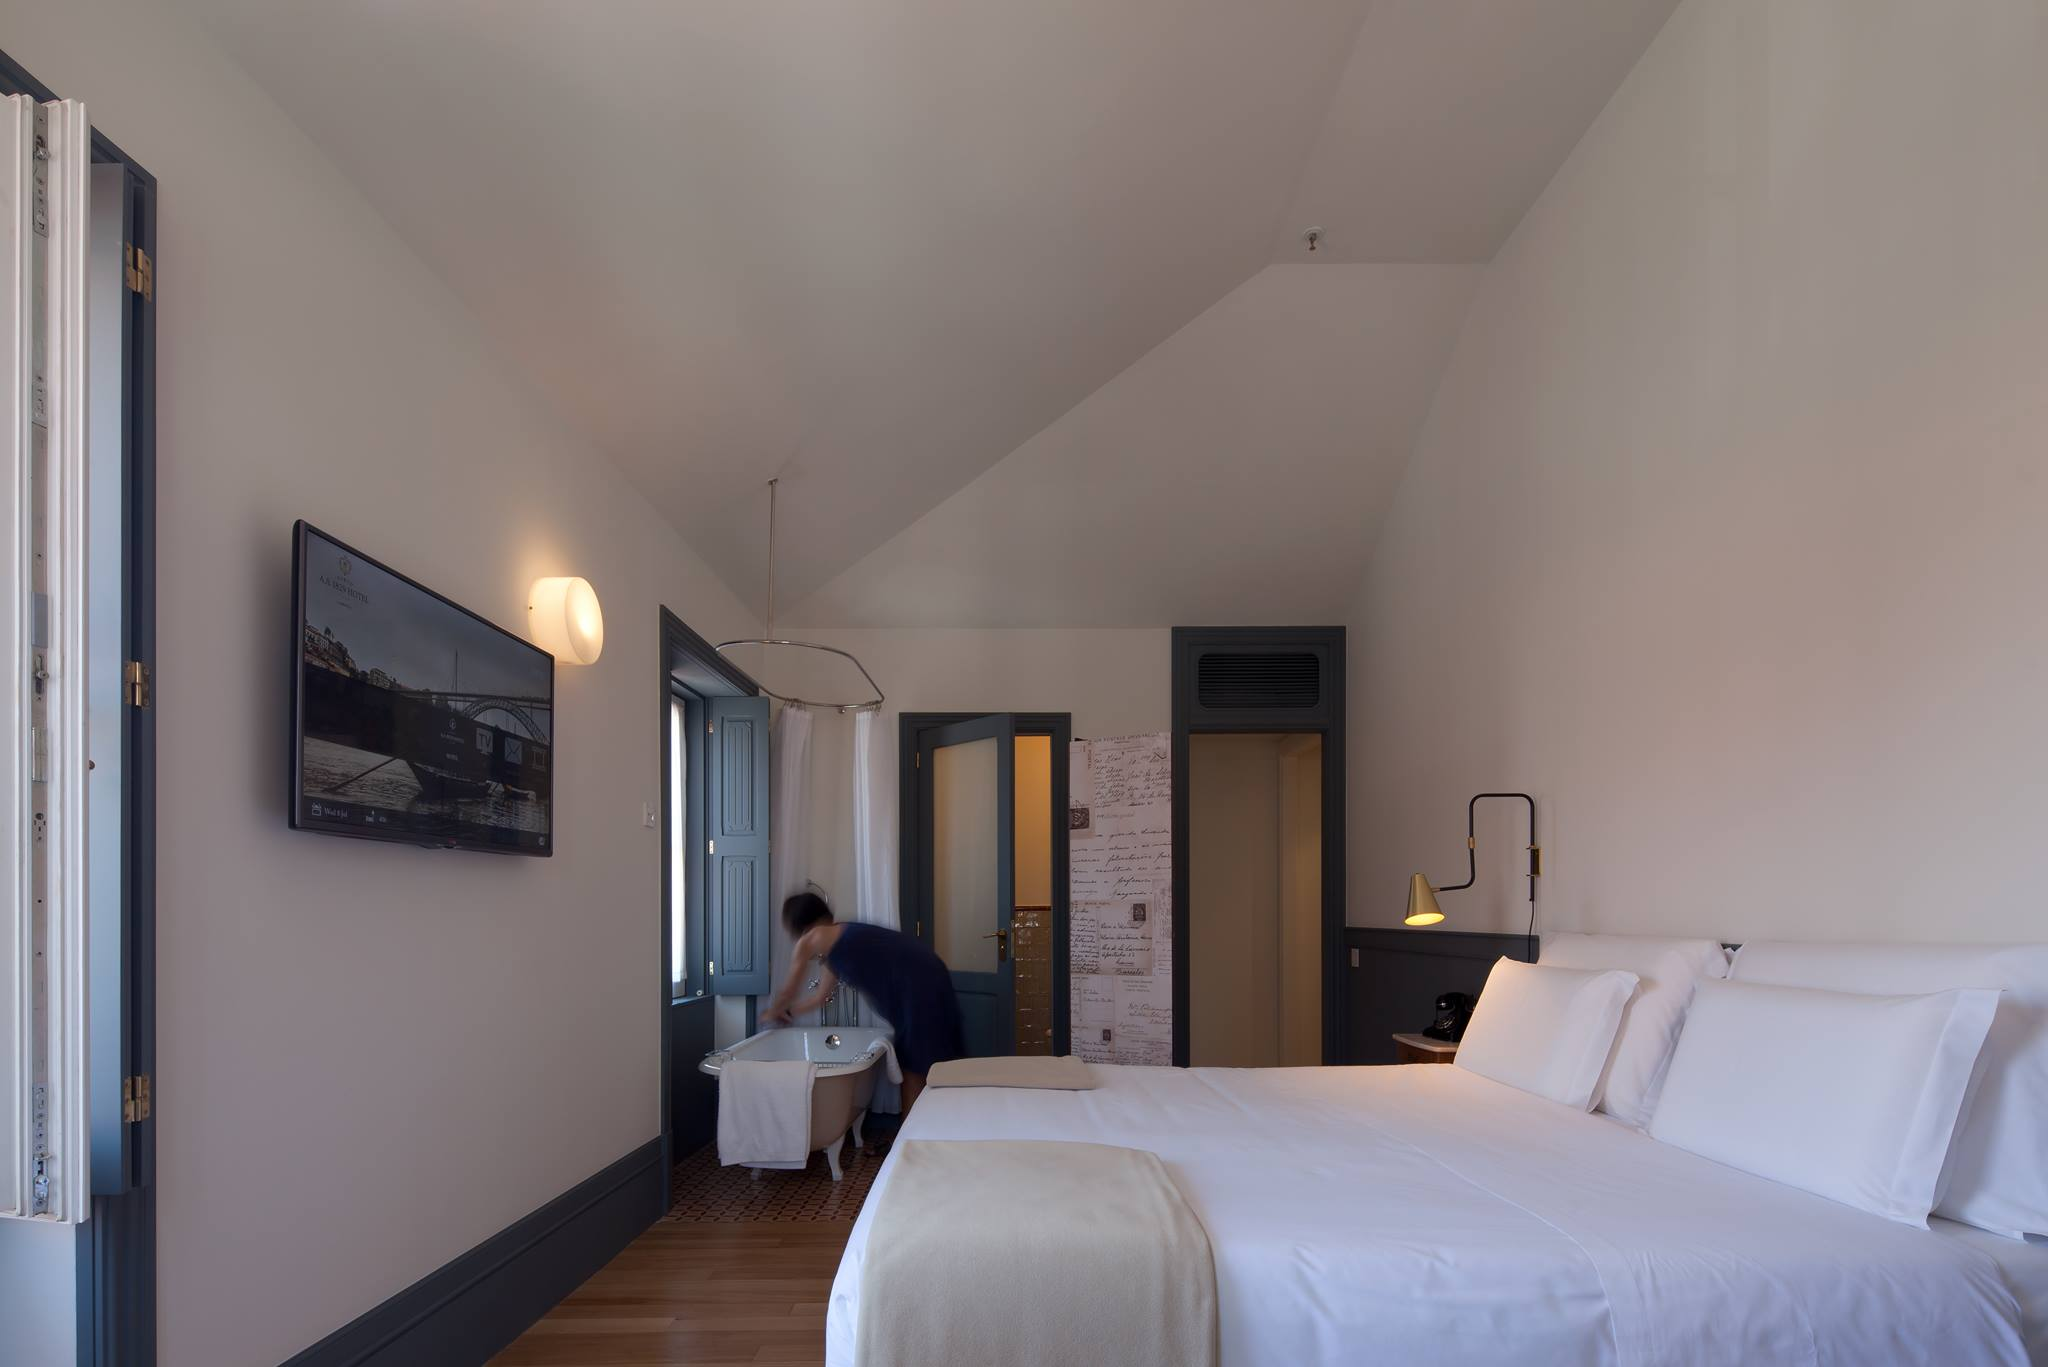 Chambre avec baignoire sous la fenetre - Porto A.S 1829 Hotel - 4 etoiles - Porto